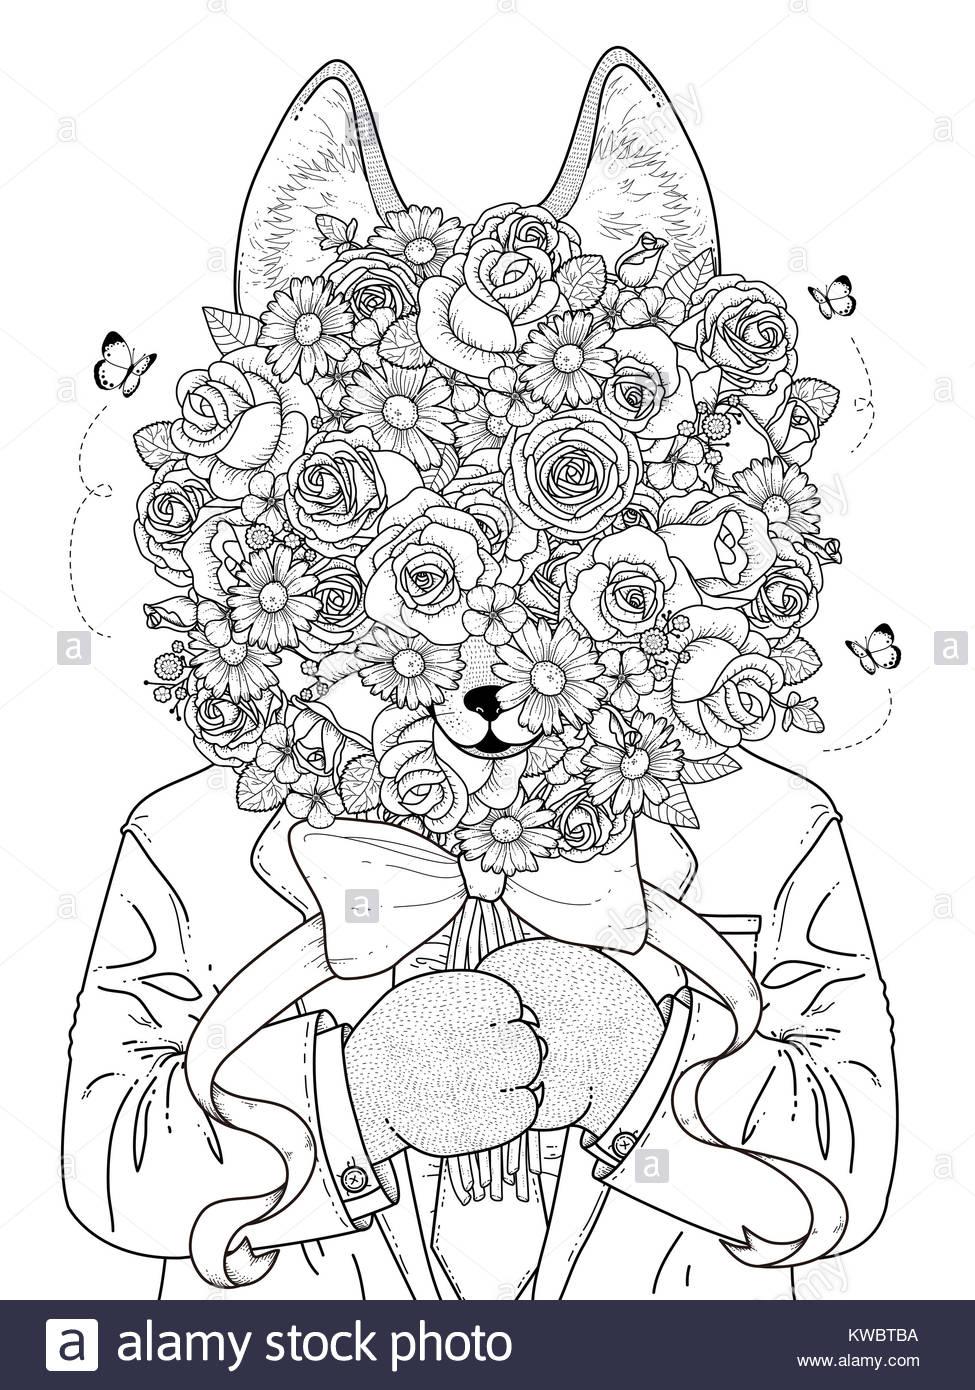 Dorable Rosa Para Colorear Páginas Frontera Friso - Dibujos Para ...